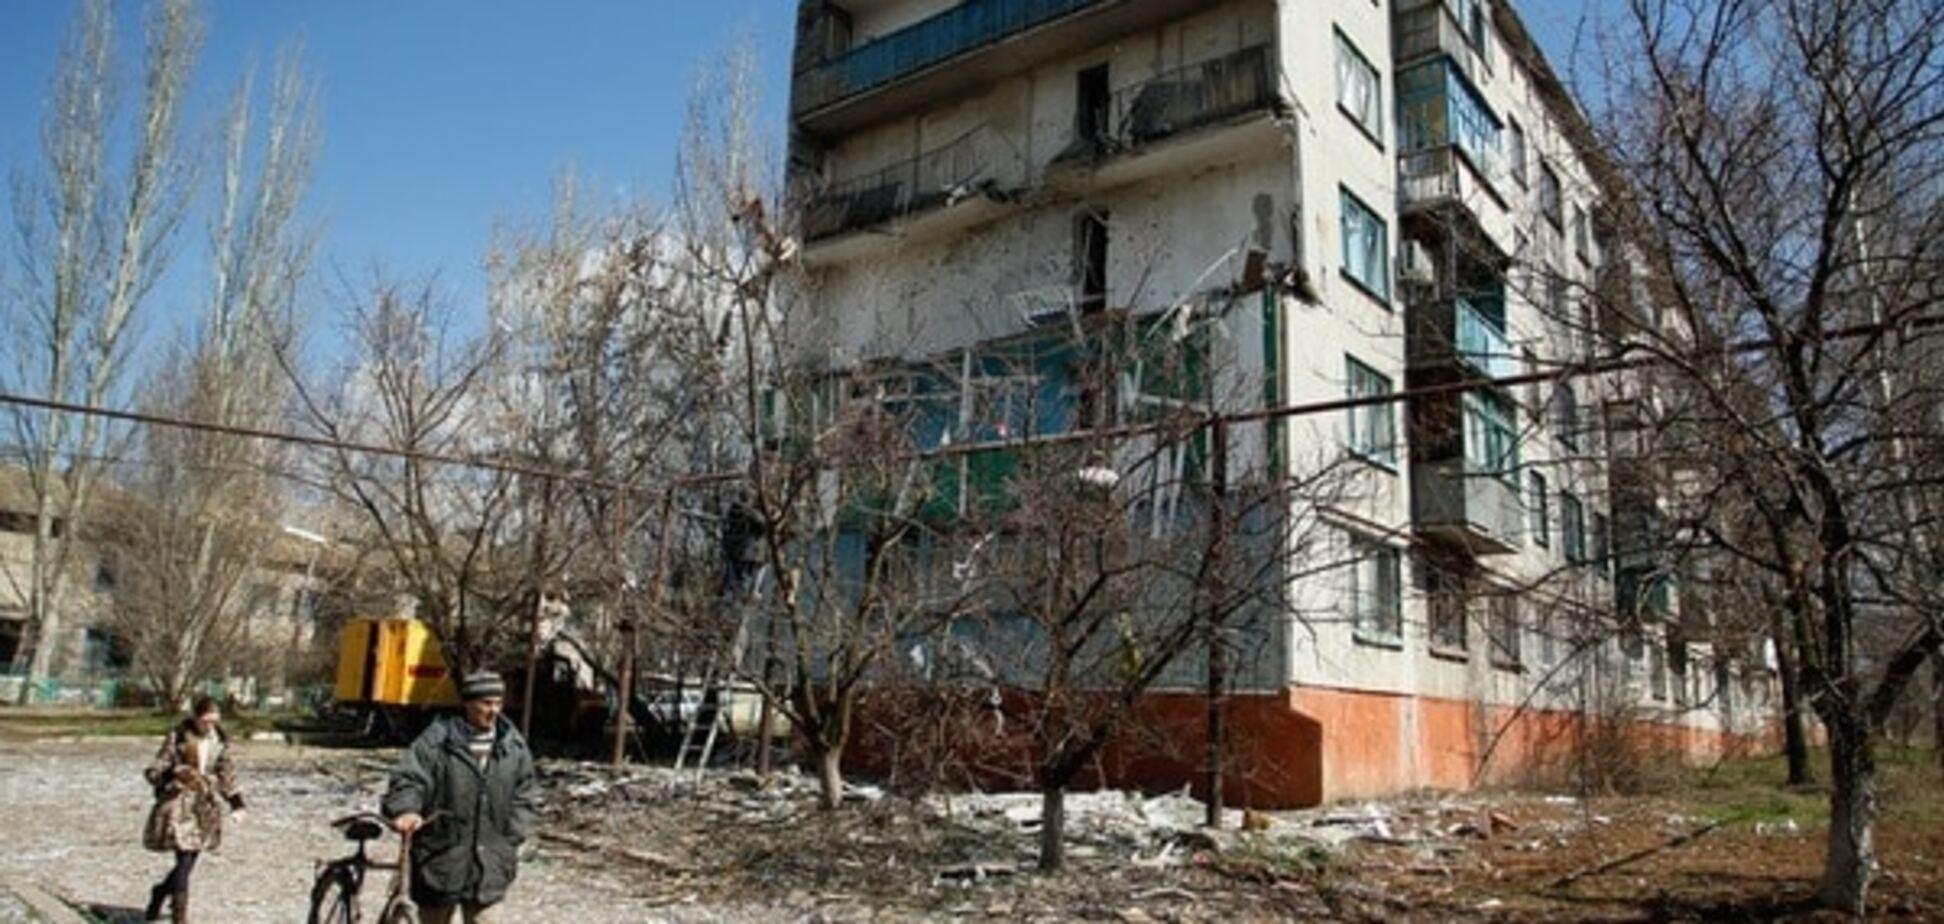 Російський журналіст про ситуацію в 'ЛДНР': населення бідує, зарплати знизилися в 3-4 рази